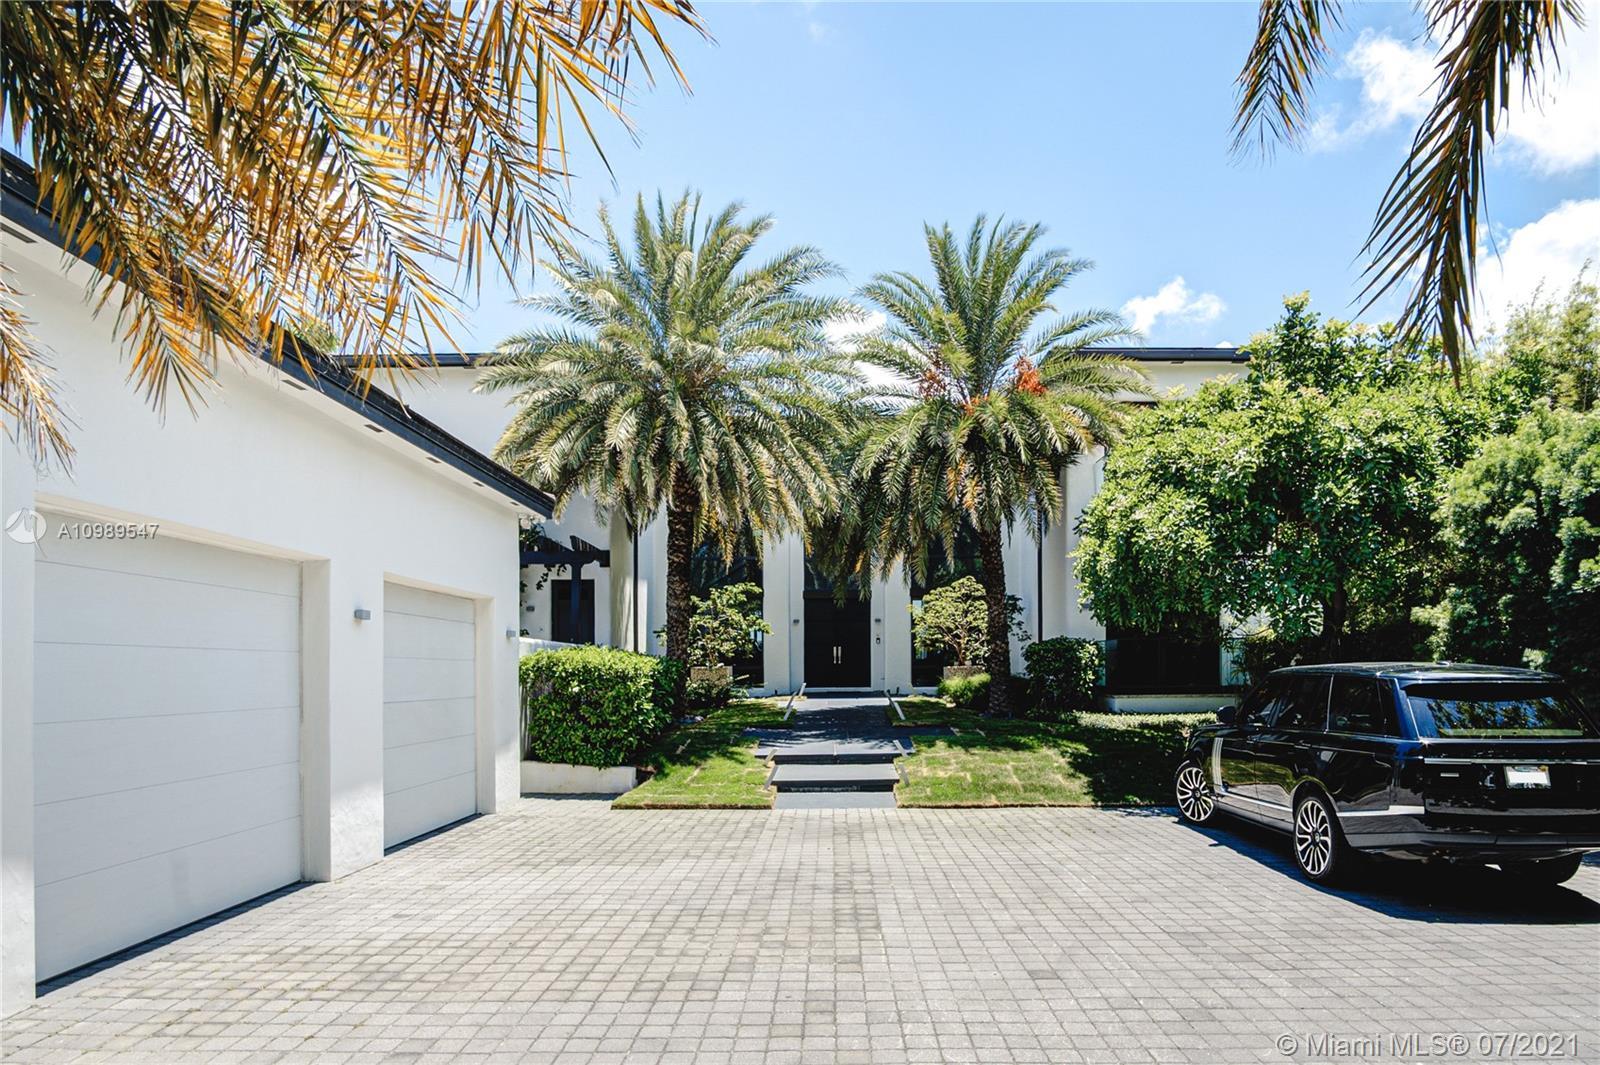 224 Hibiscus Dr, Miami Beach, Florida 33139